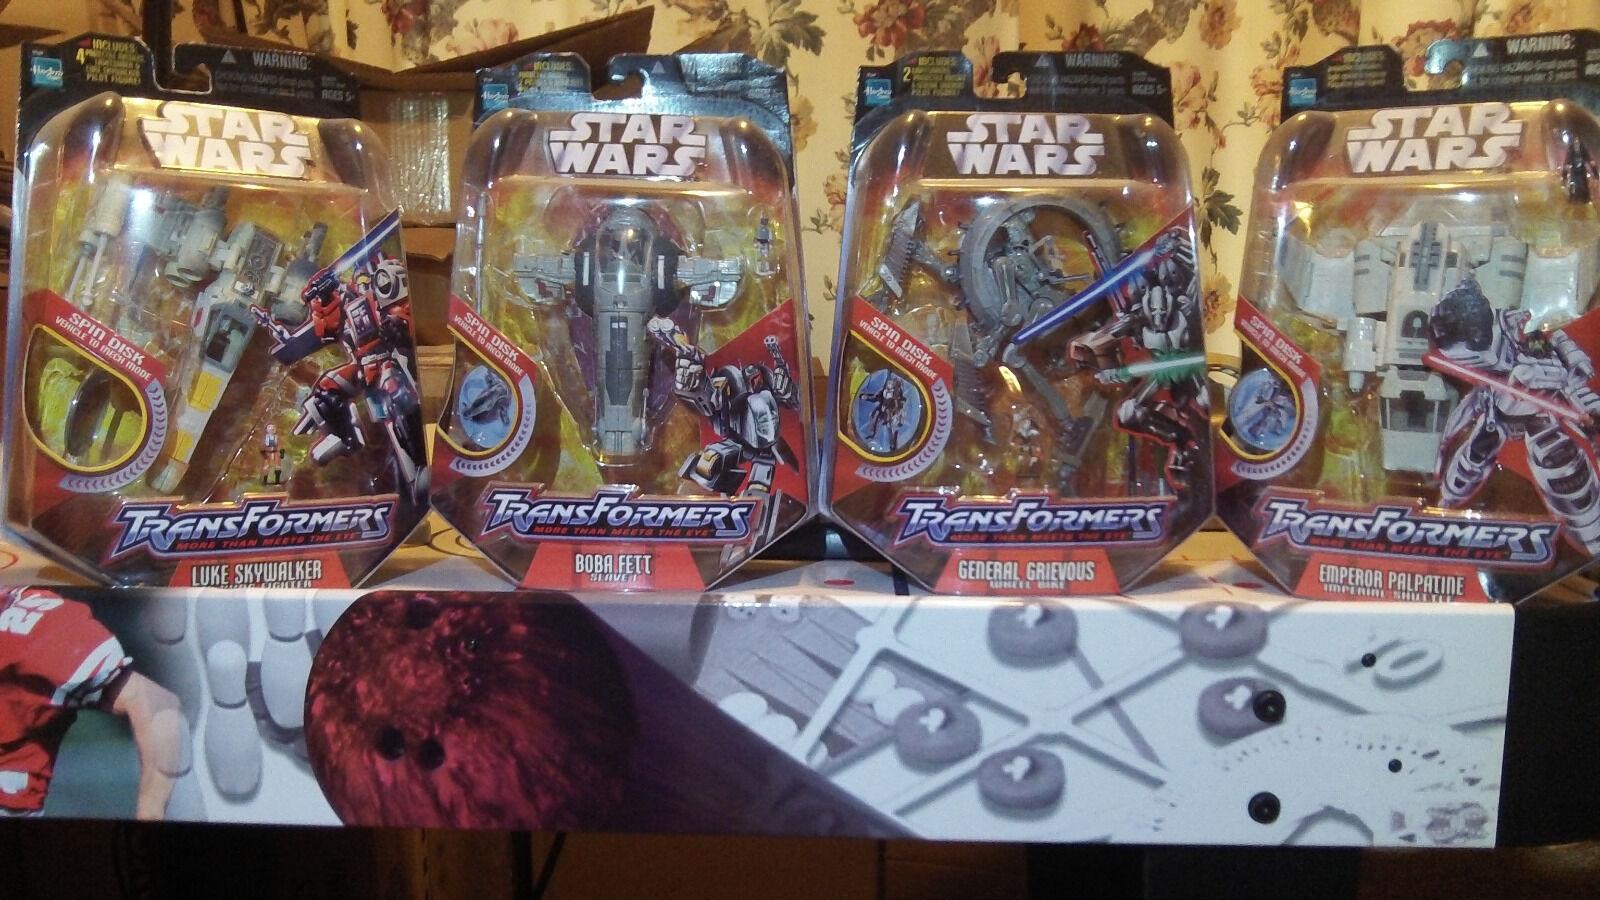 Star Wars Hasbro Transformers lots Vader Fett Skywalker more